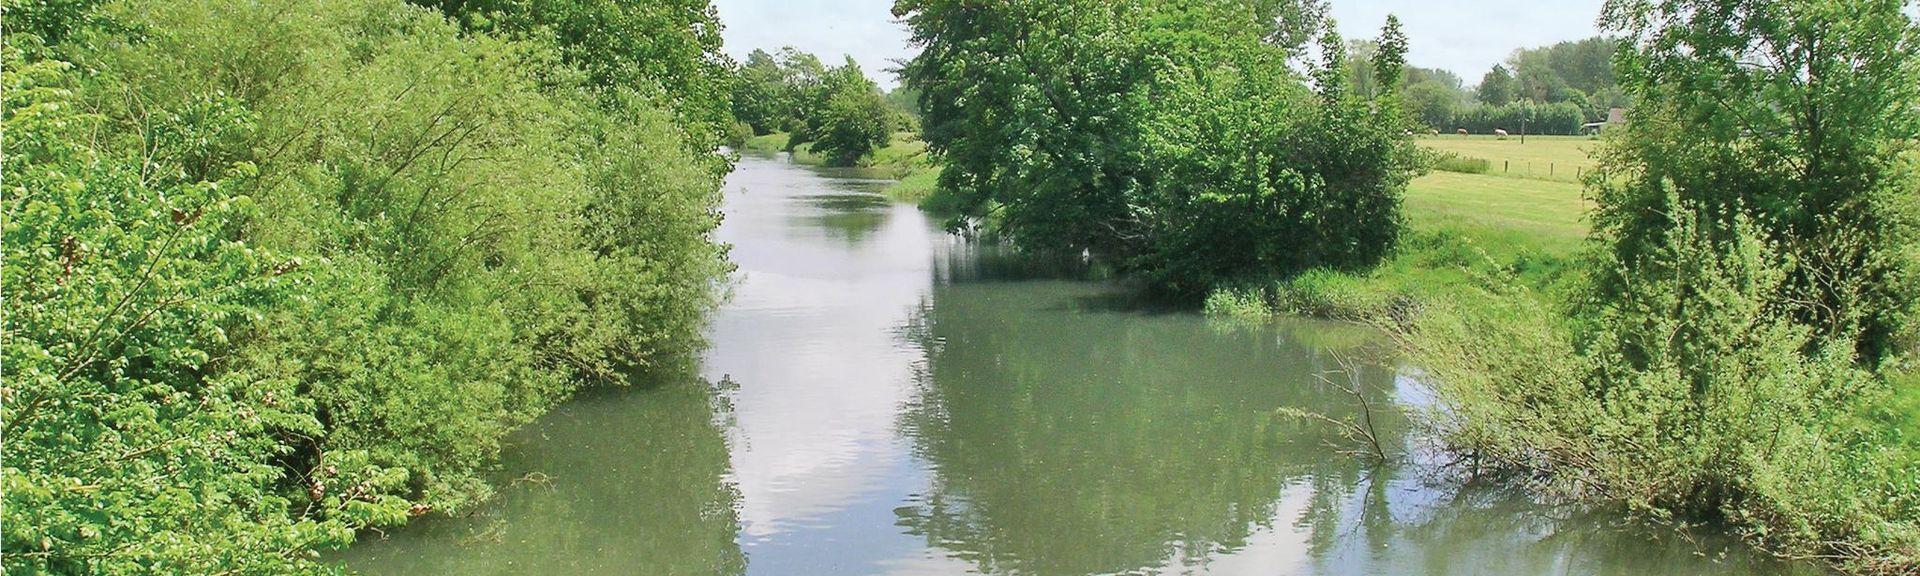 Fruges, Pas-de-Calais (department), France